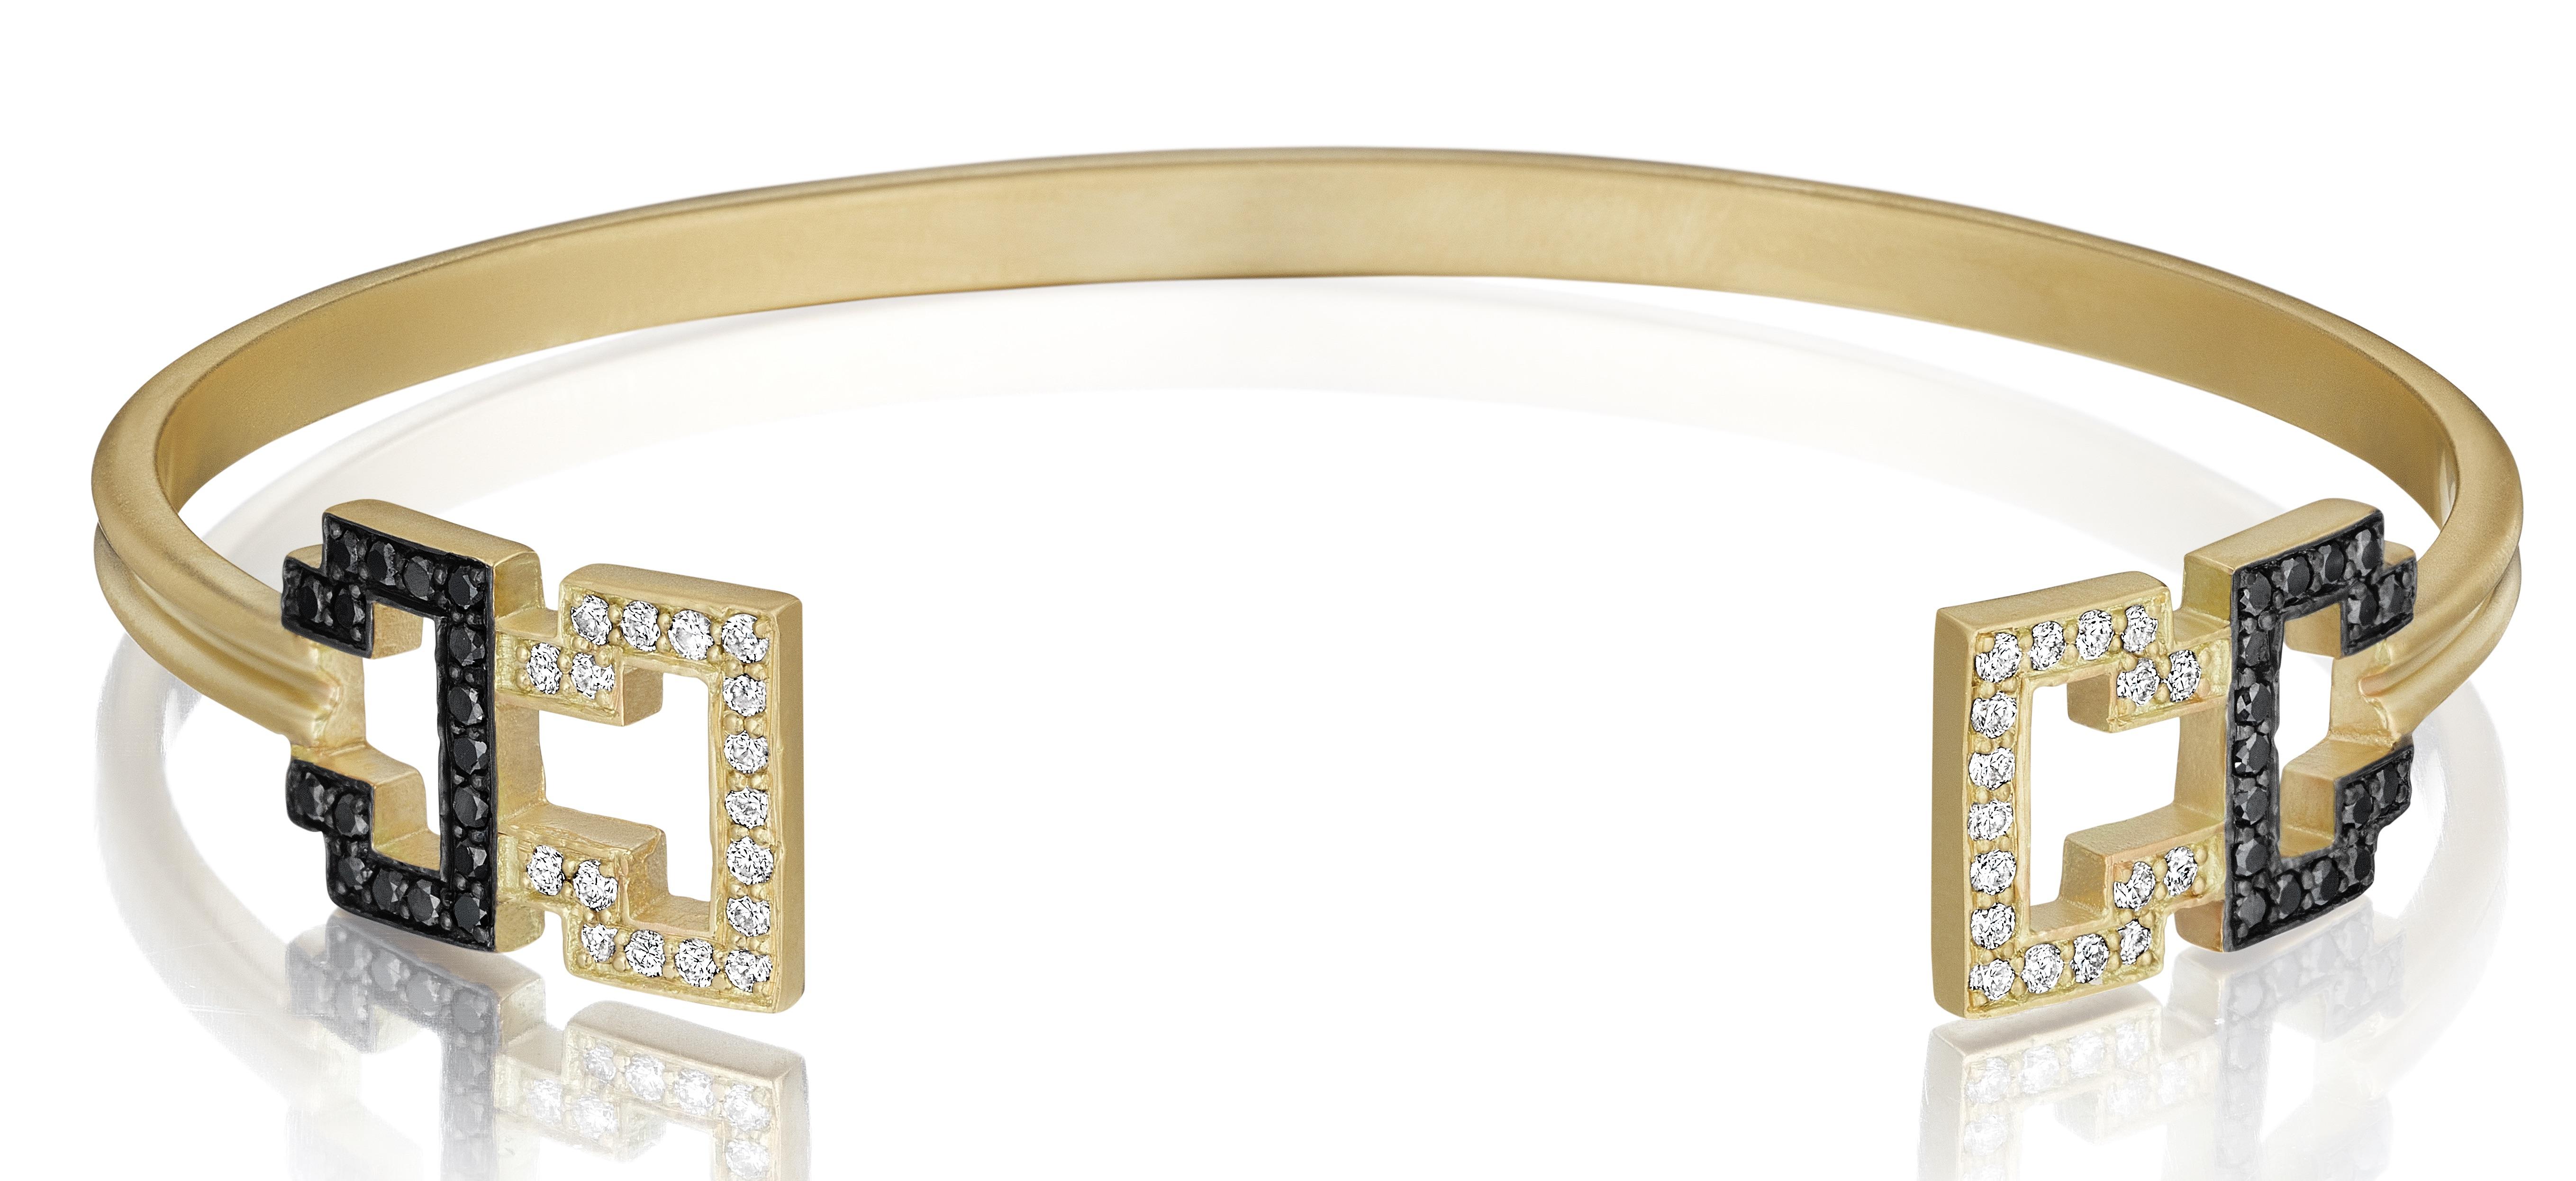 Doryn Wallach Greek Key cuff bracelet | JCK On Your Market